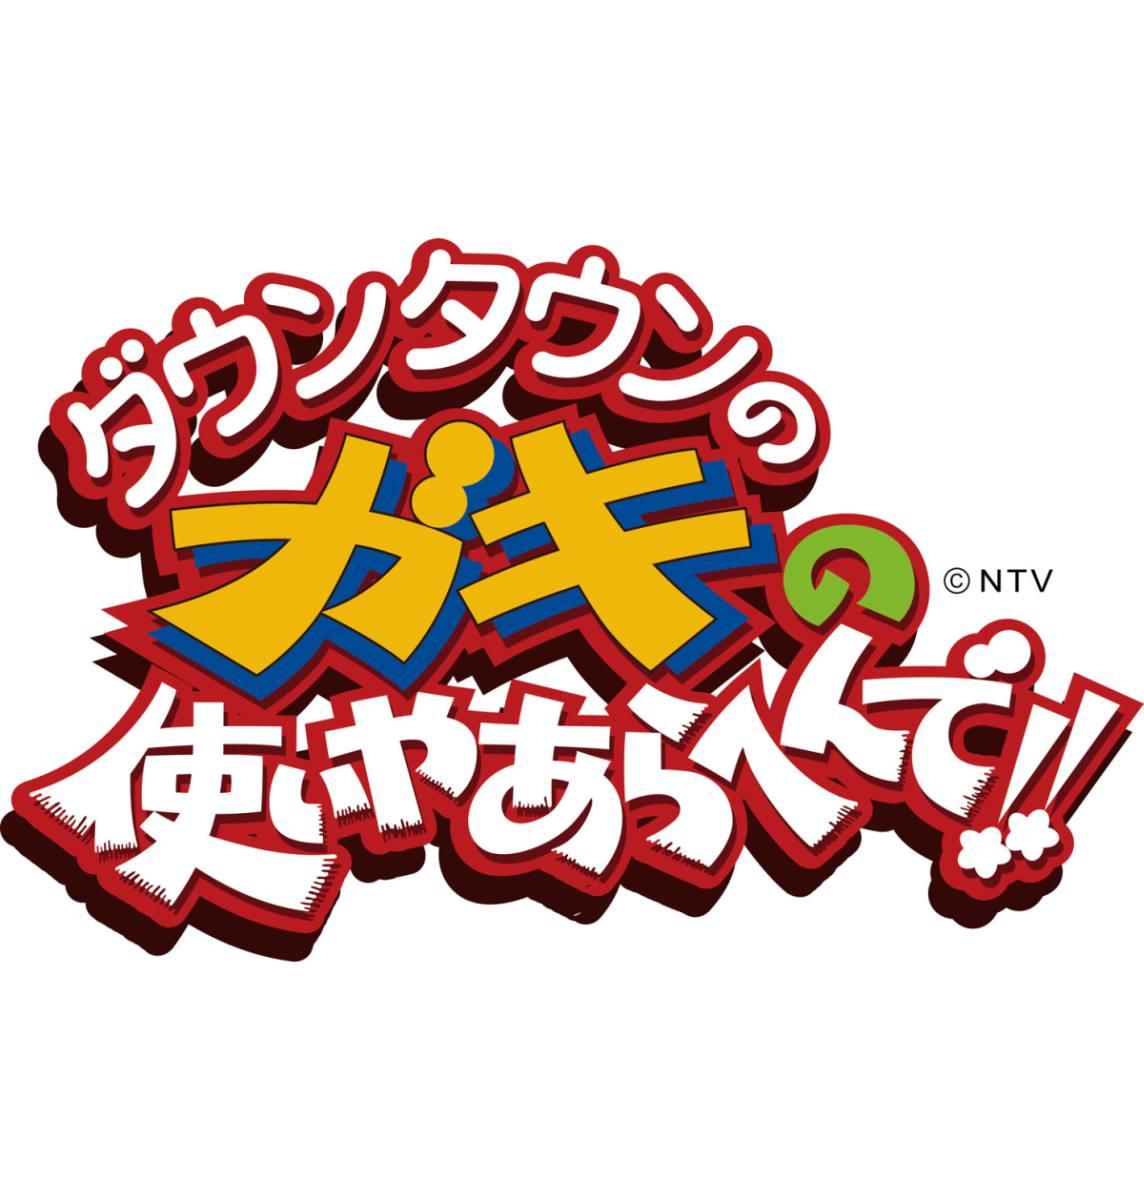 ダウンタウンのガキの使いやあらへんで!! 〜ブルーレイシリーズ11〜「ガキの使いトーク全集」(仮)【Blu-ray】 [ ダウンタウン ]